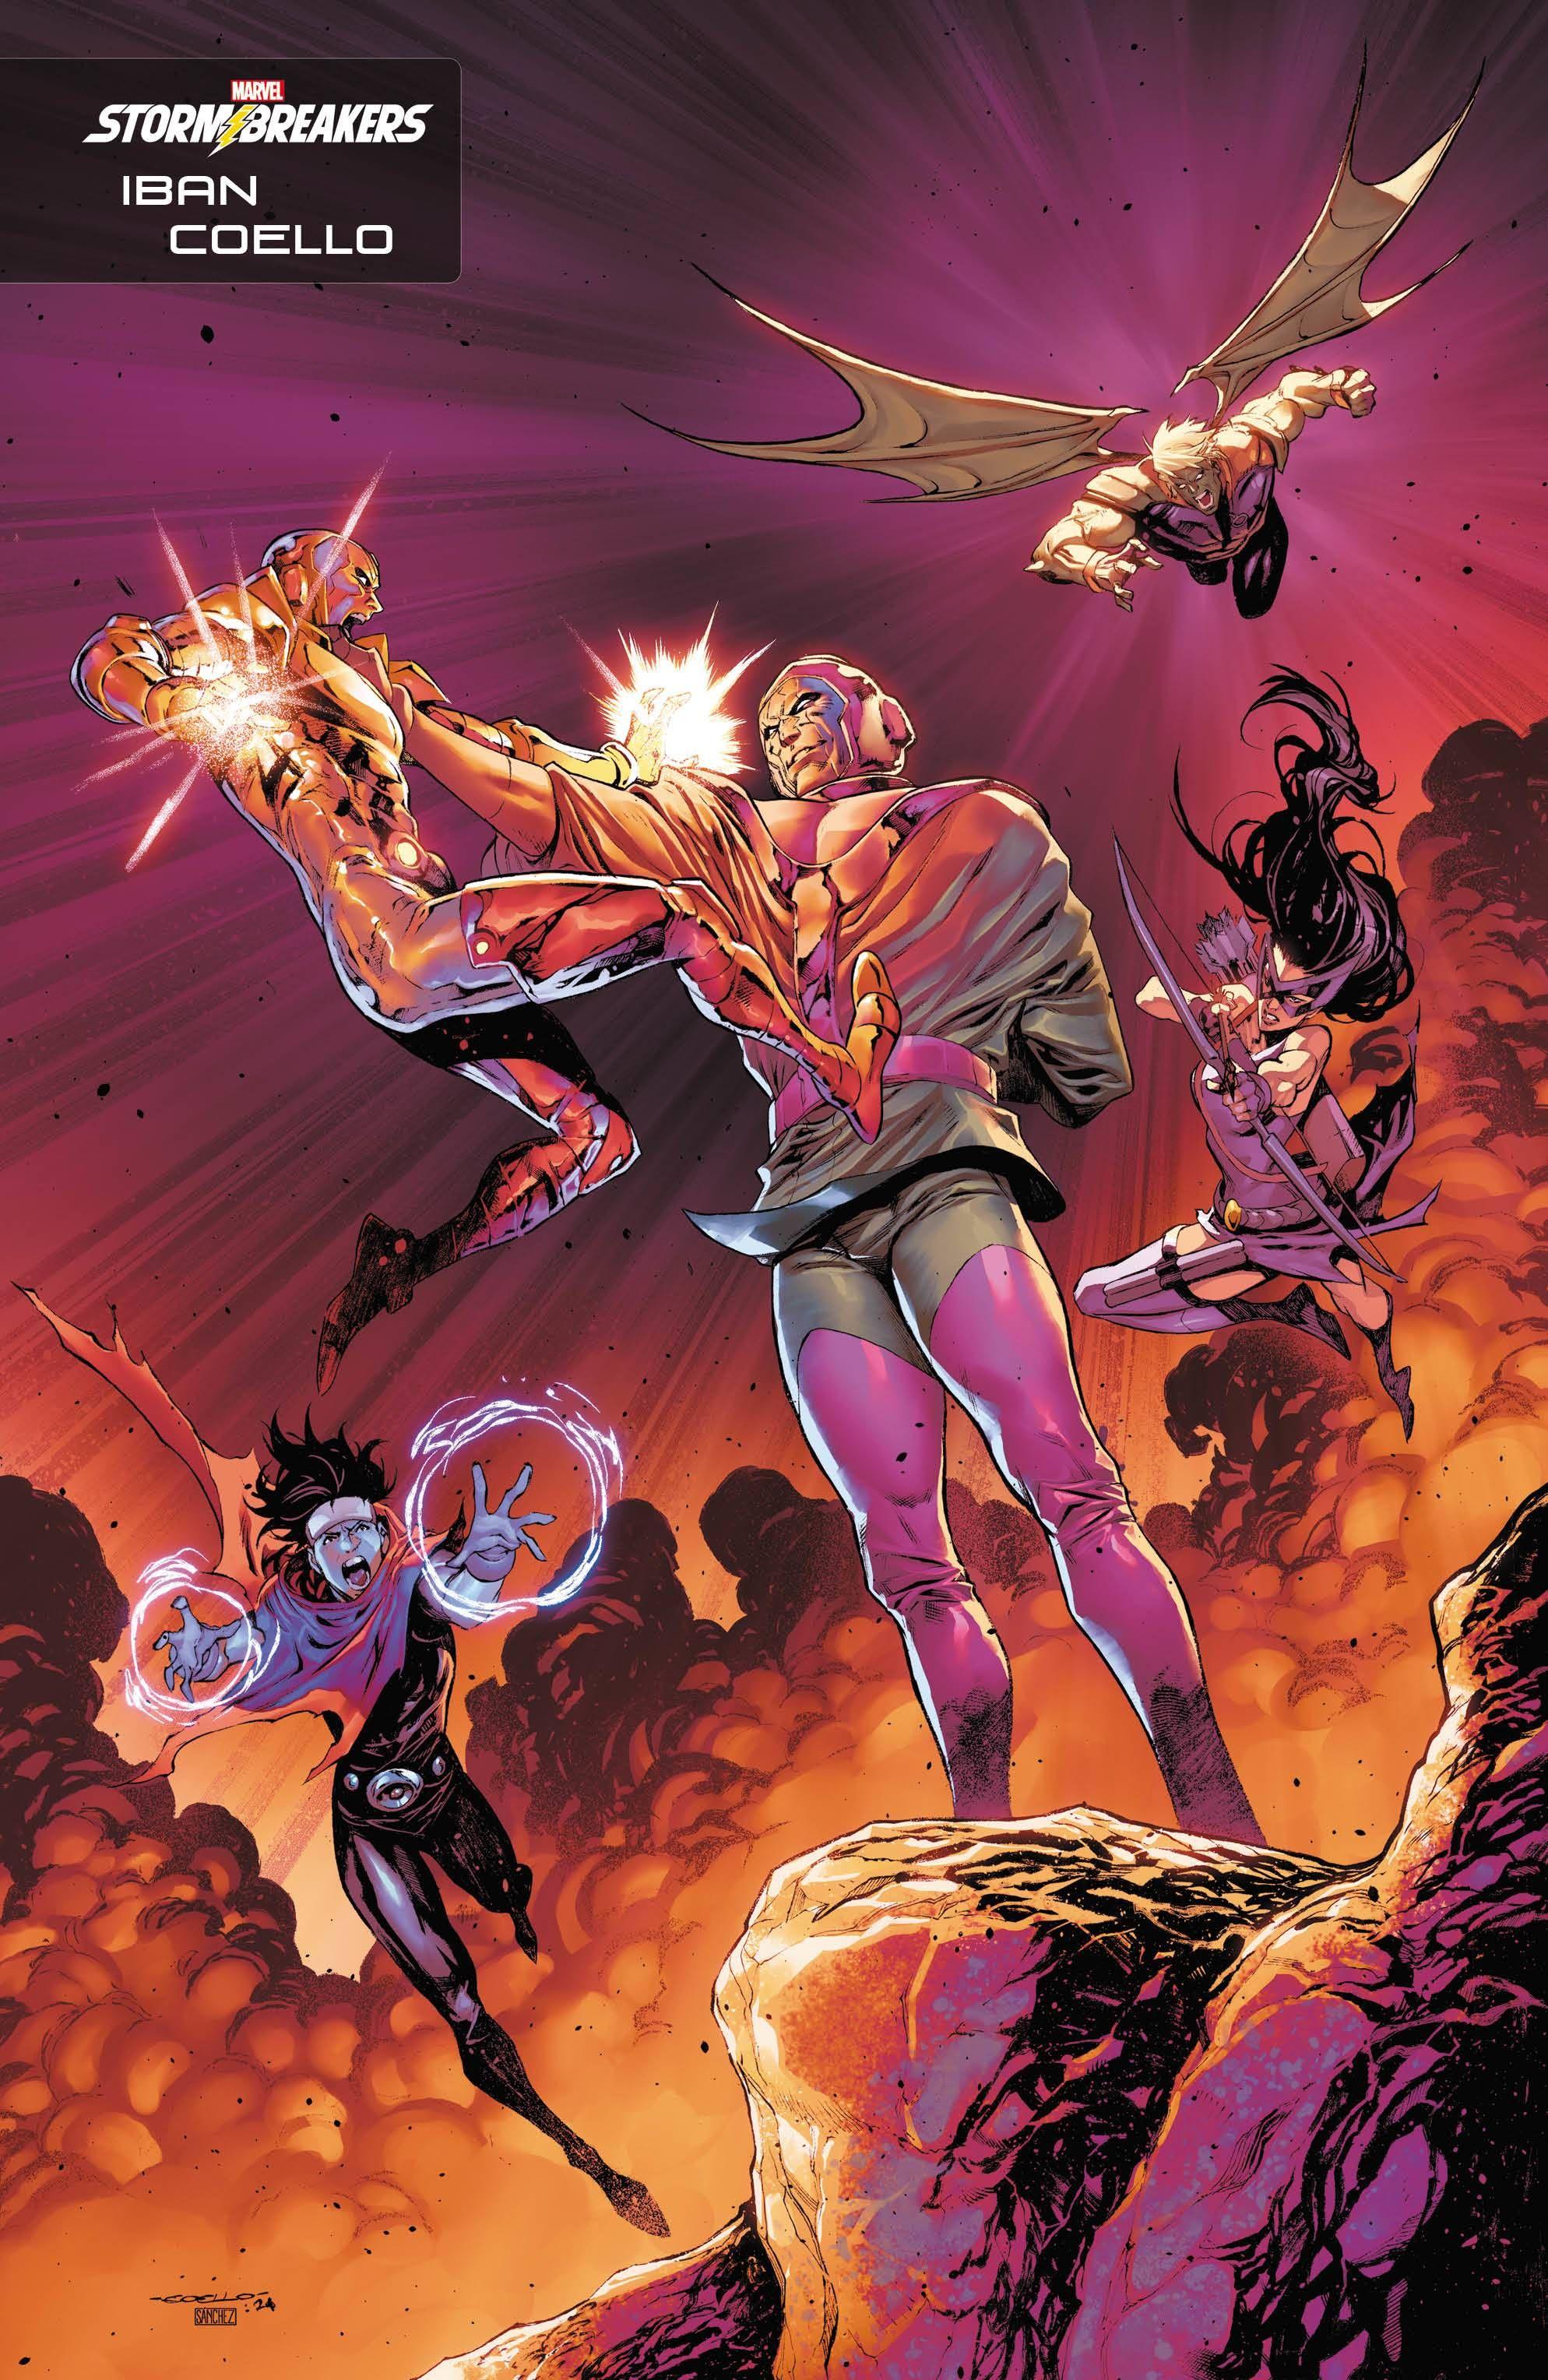 eyJidWNrZXQiOiJnb2NvbGxlY3QuaW1hZ2VzLnB1YiIsImtleSI6ImVhMTVmZWFhLTlmNTQtNGUwZC1hMTA4LWMxZjJhNzdiOGJjMi5qcGciLCJlZGl0cyI6W119 ComicList: Marvel Comics New Releases for 08/18/2021